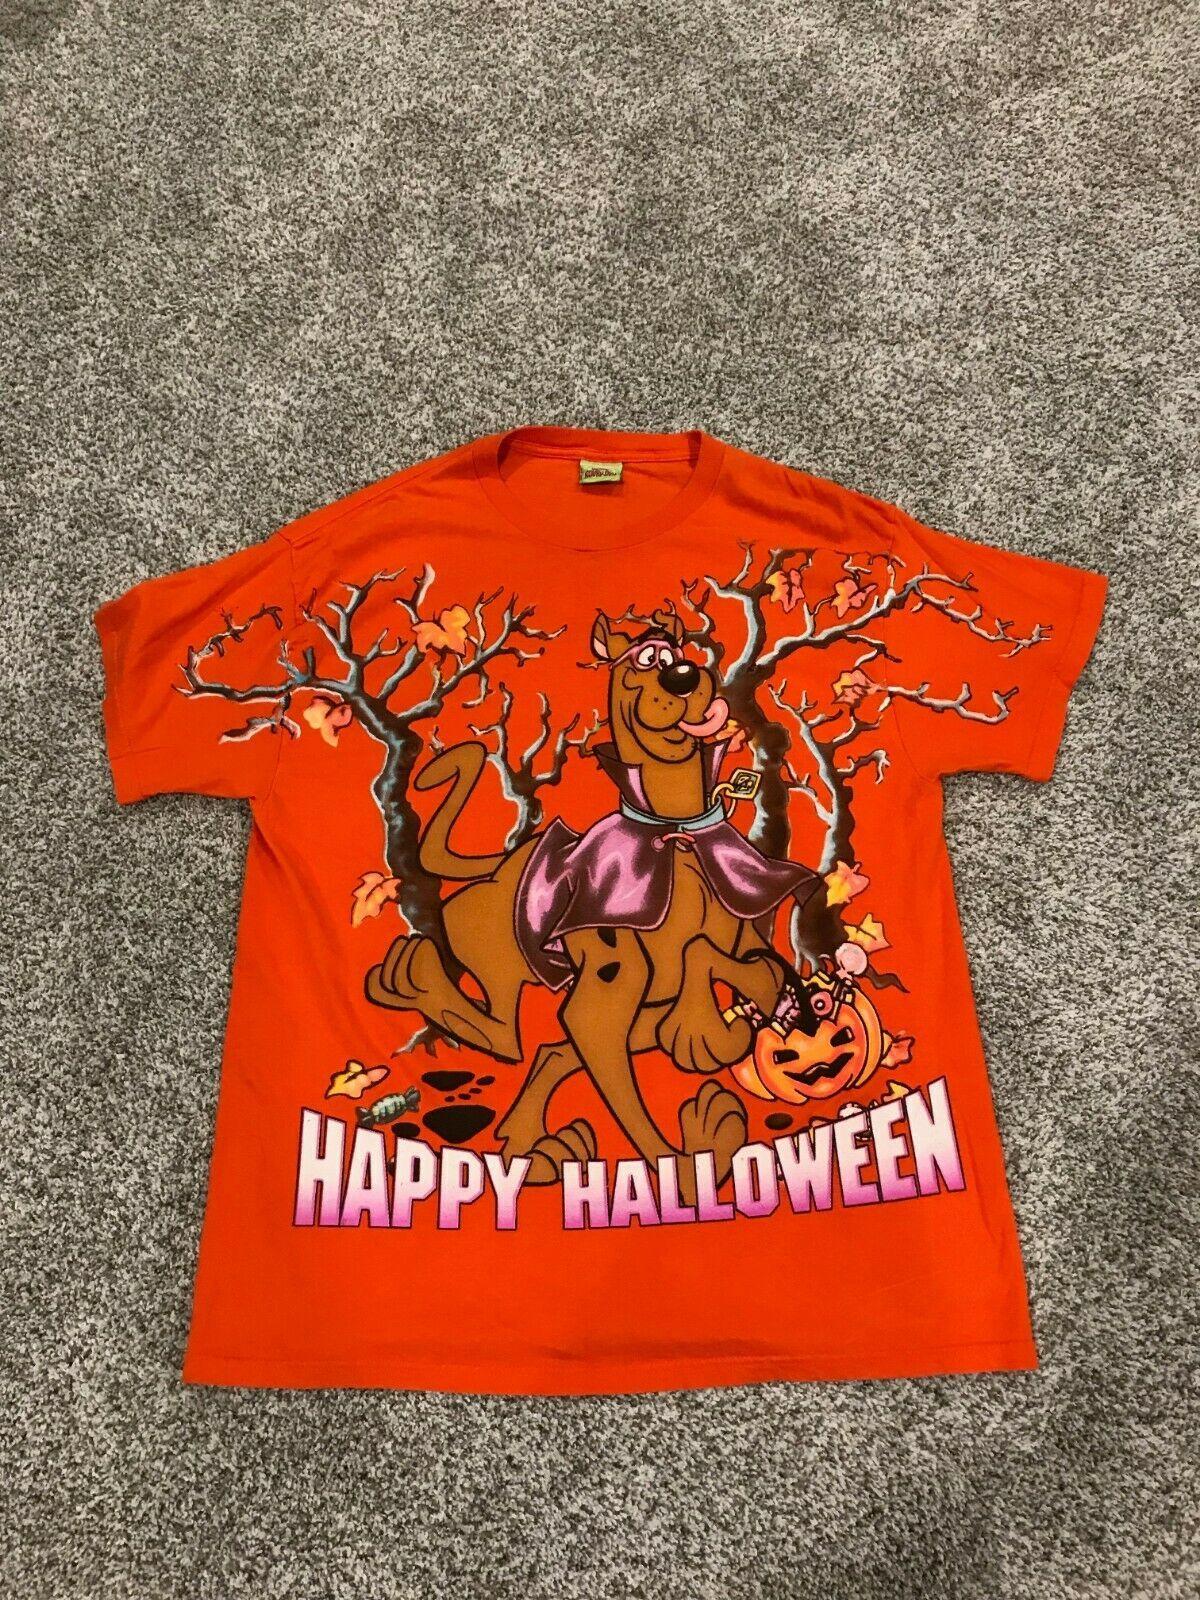 Vintage Cartoon Network 1999 Scooby Doo Happy Halloween T